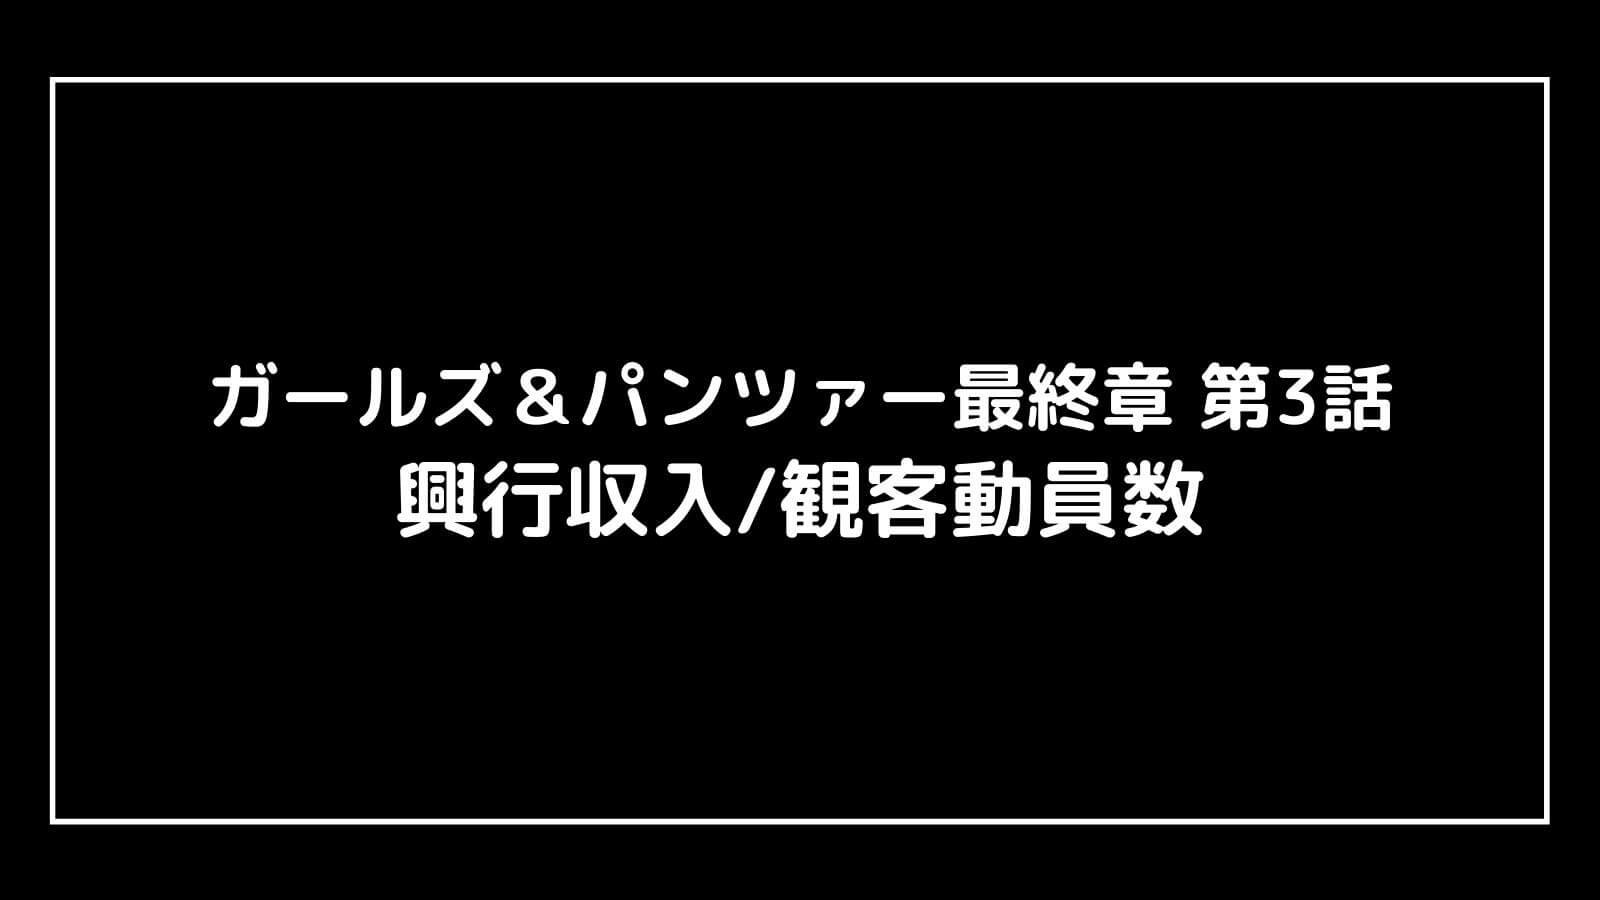 映画『ガルパン最終章第3話』現在の興行収入推移と最終興収を元映画館社員が予想